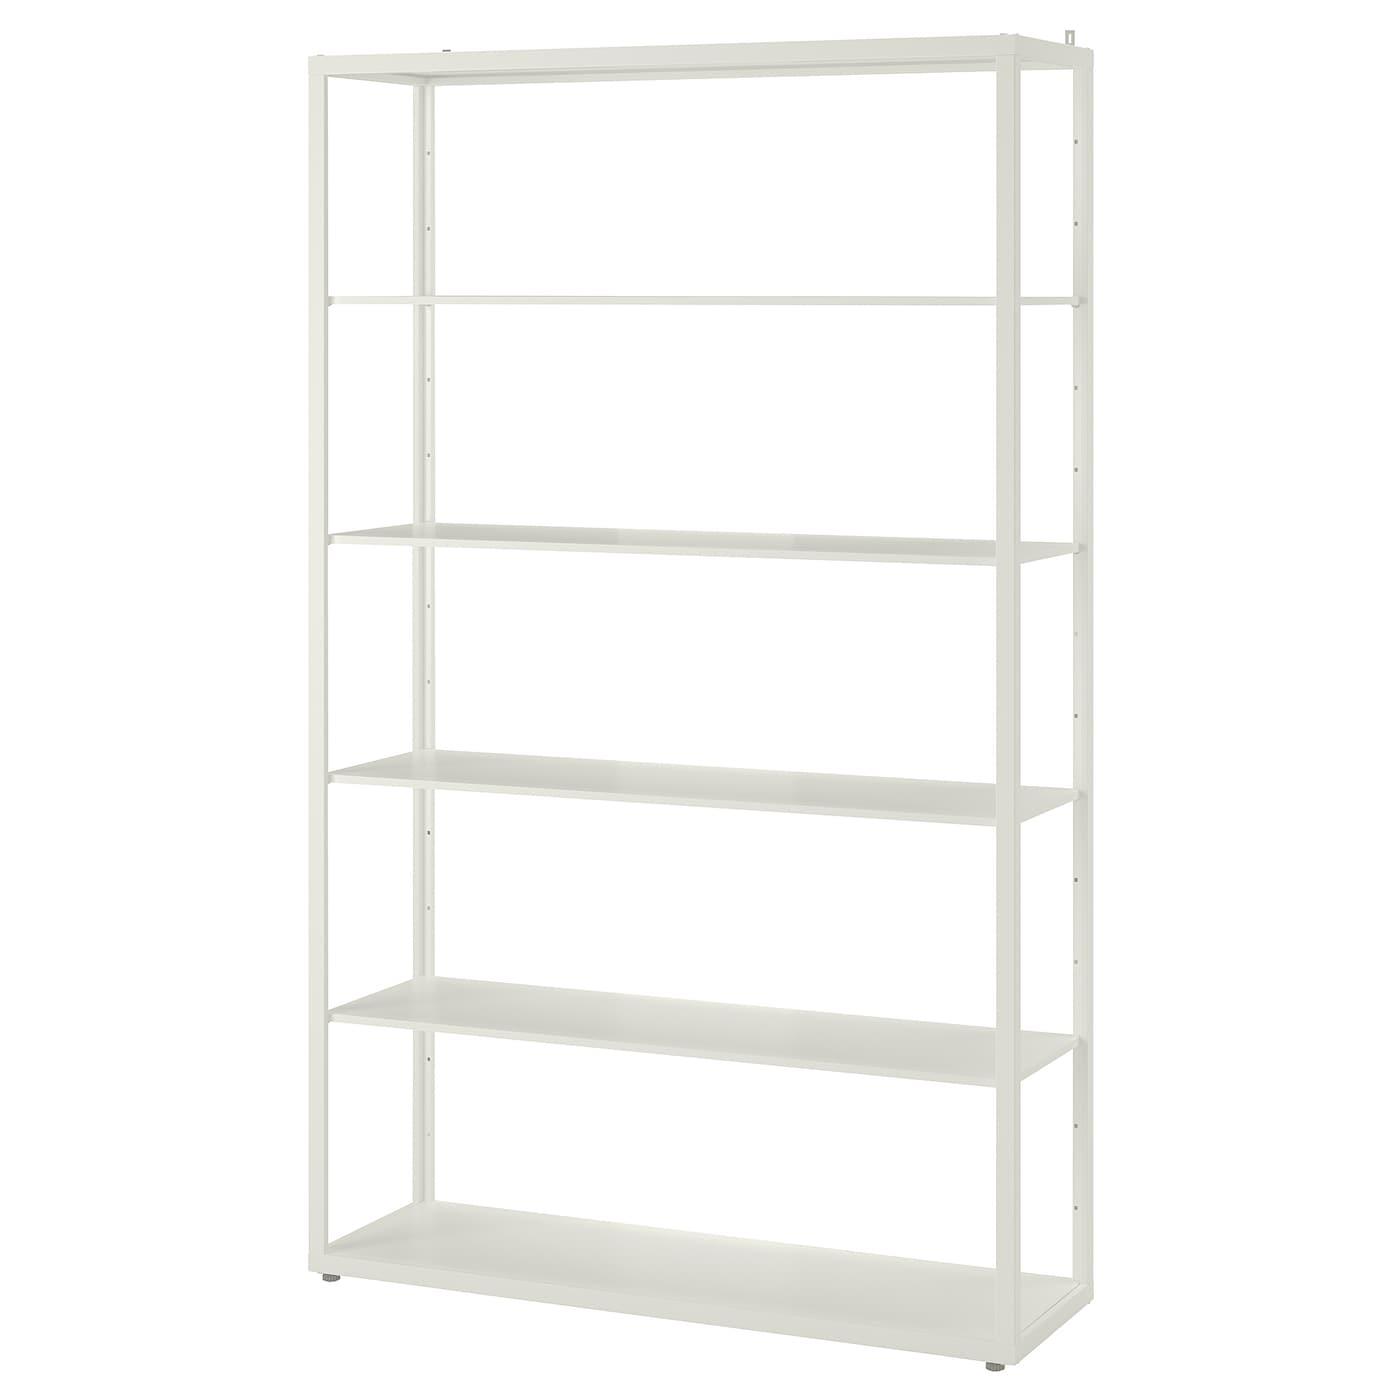 Fjalkinge Shelf Unit White 46 1 2x76 Ikea